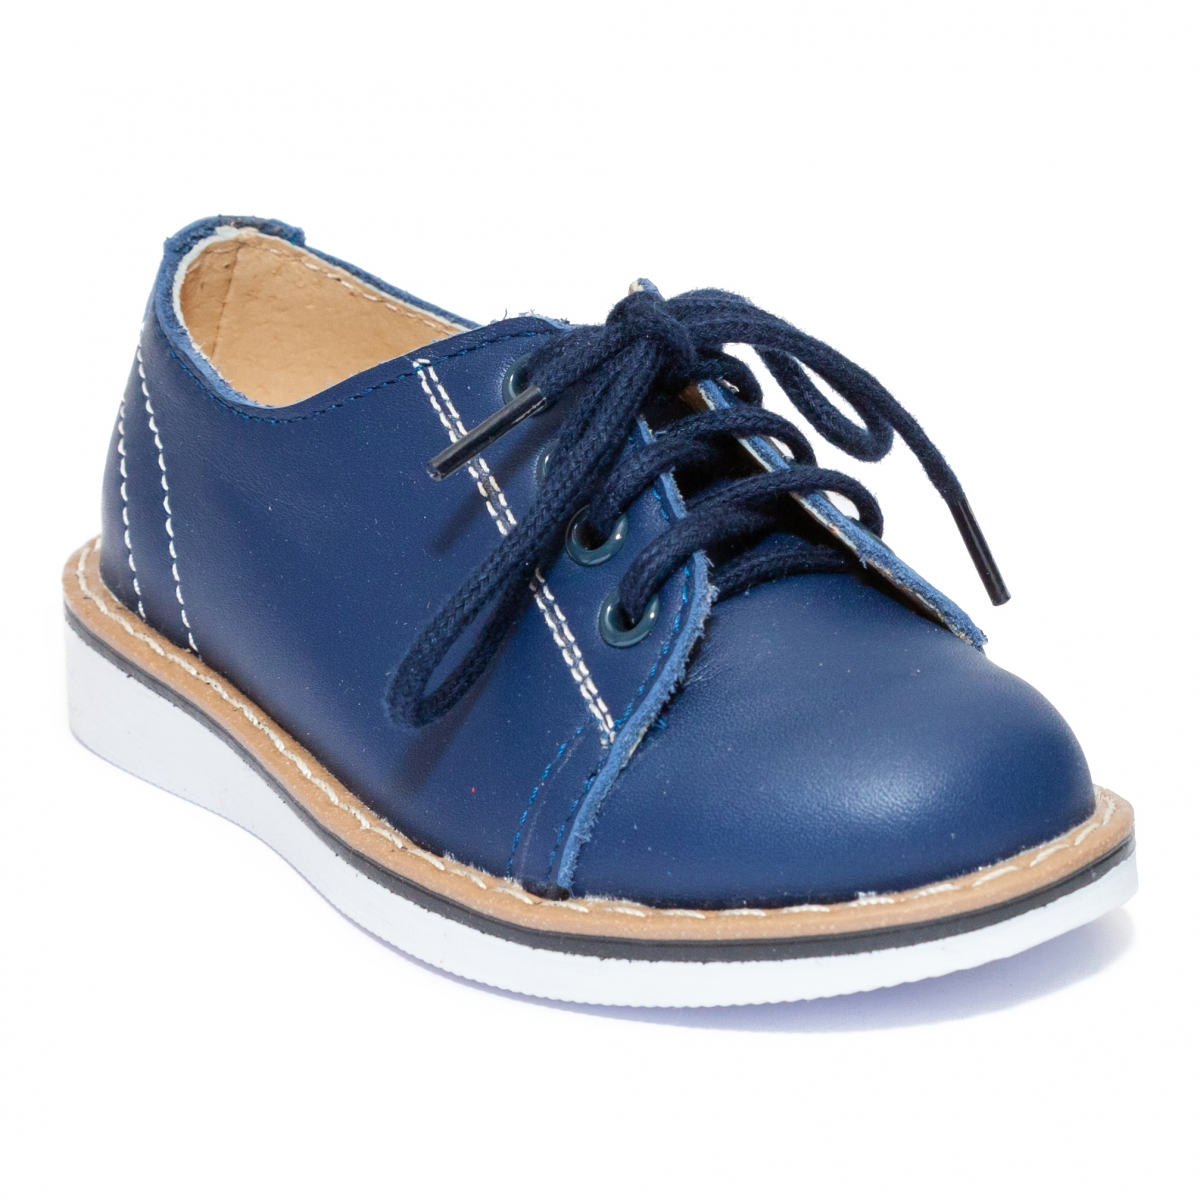 Pantofi copii piele 1399 blu 20-25